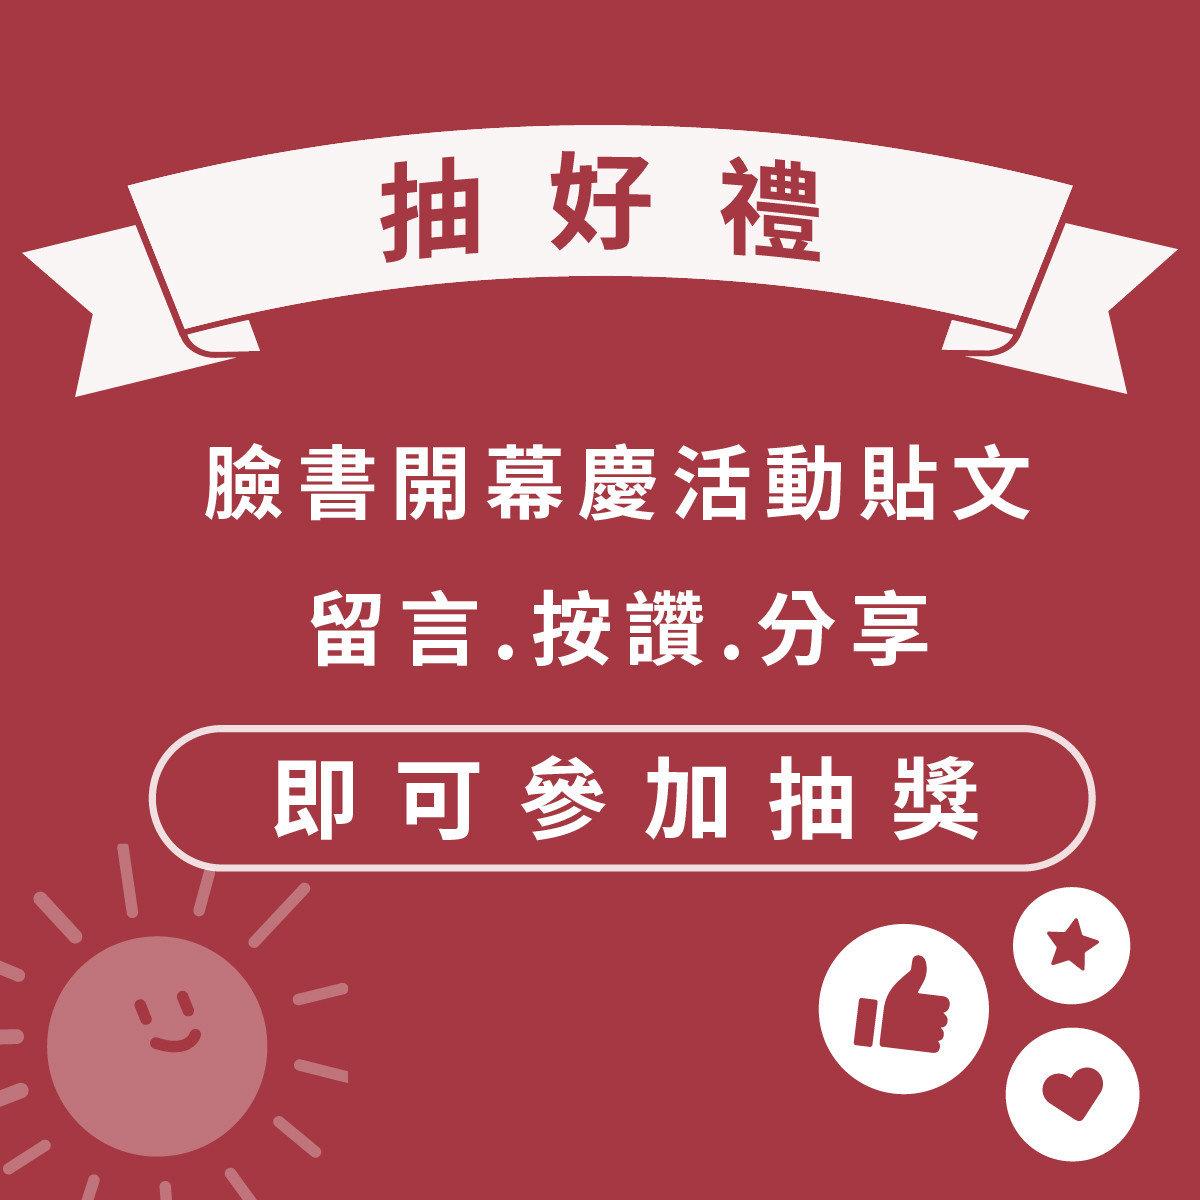 明久家具台南店開幕活動五:抽好禮-於明久臉書開幕慶活動貼文留言、按讚、分享,即可參加抽獎